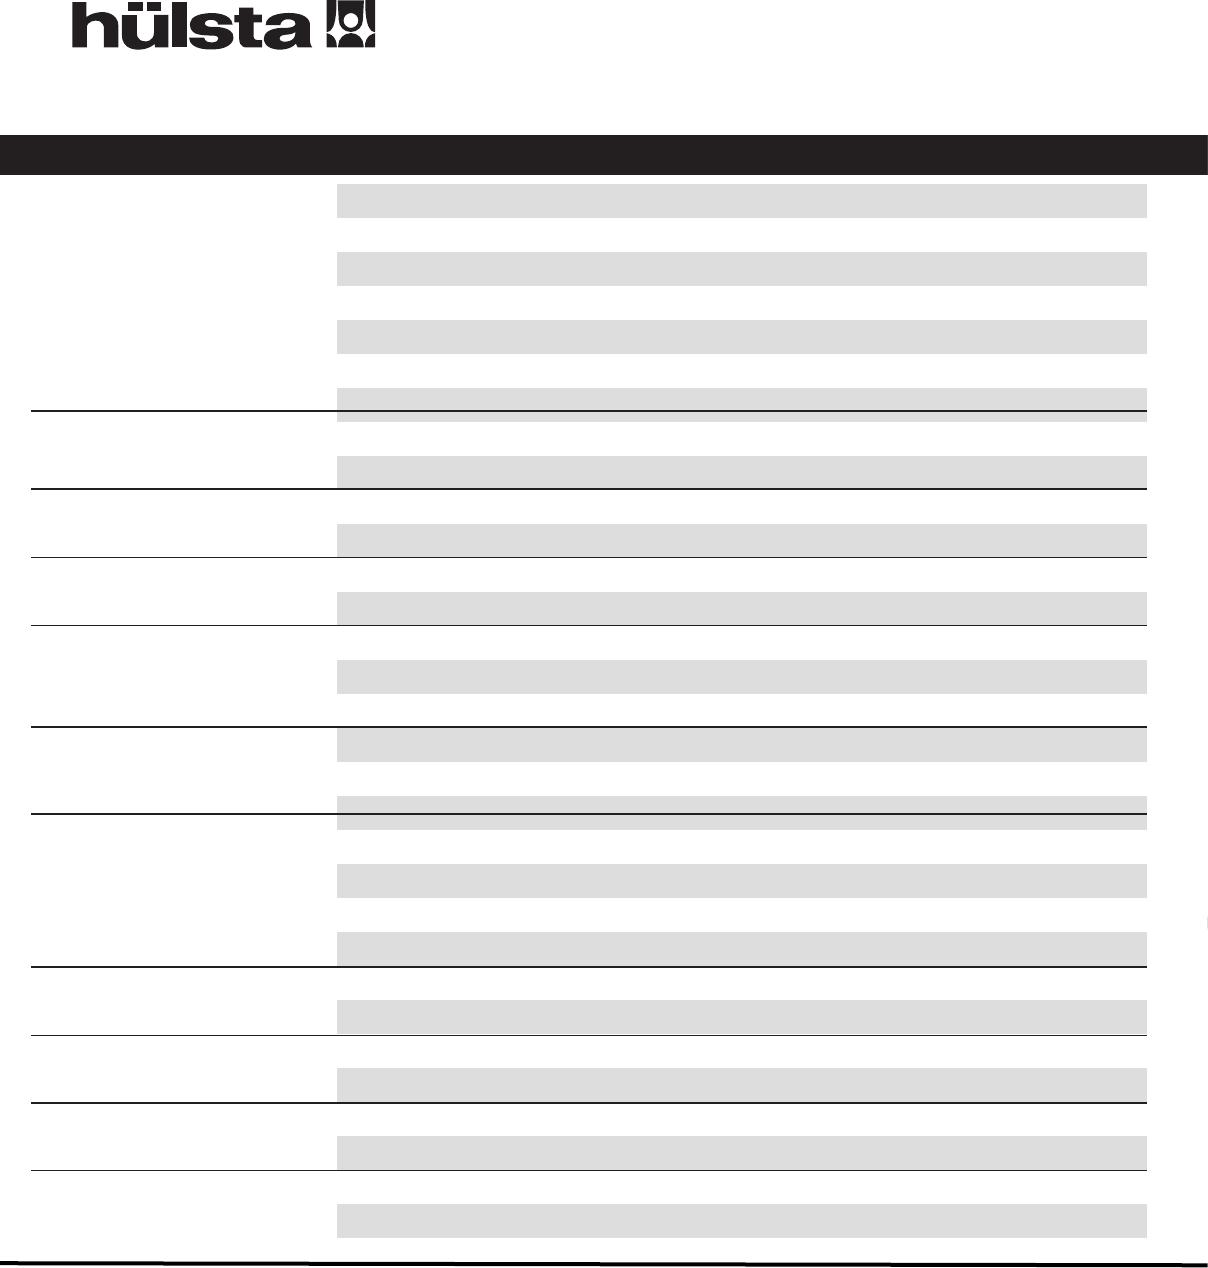 Bedienungsanleitung Hulsta Oviella Seite 1 Von 65 Deutsch